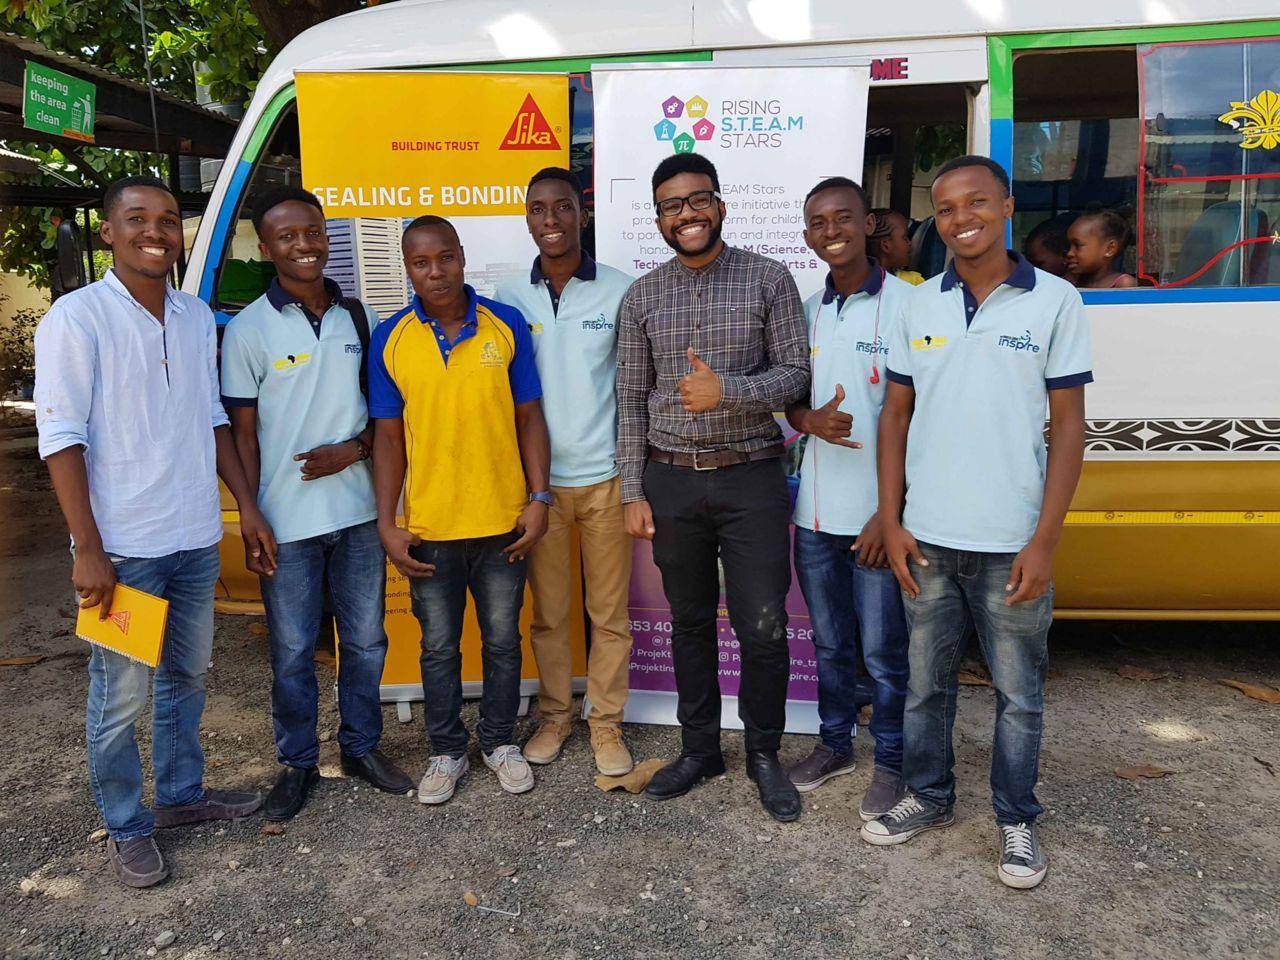 Project Inspire Tanzania